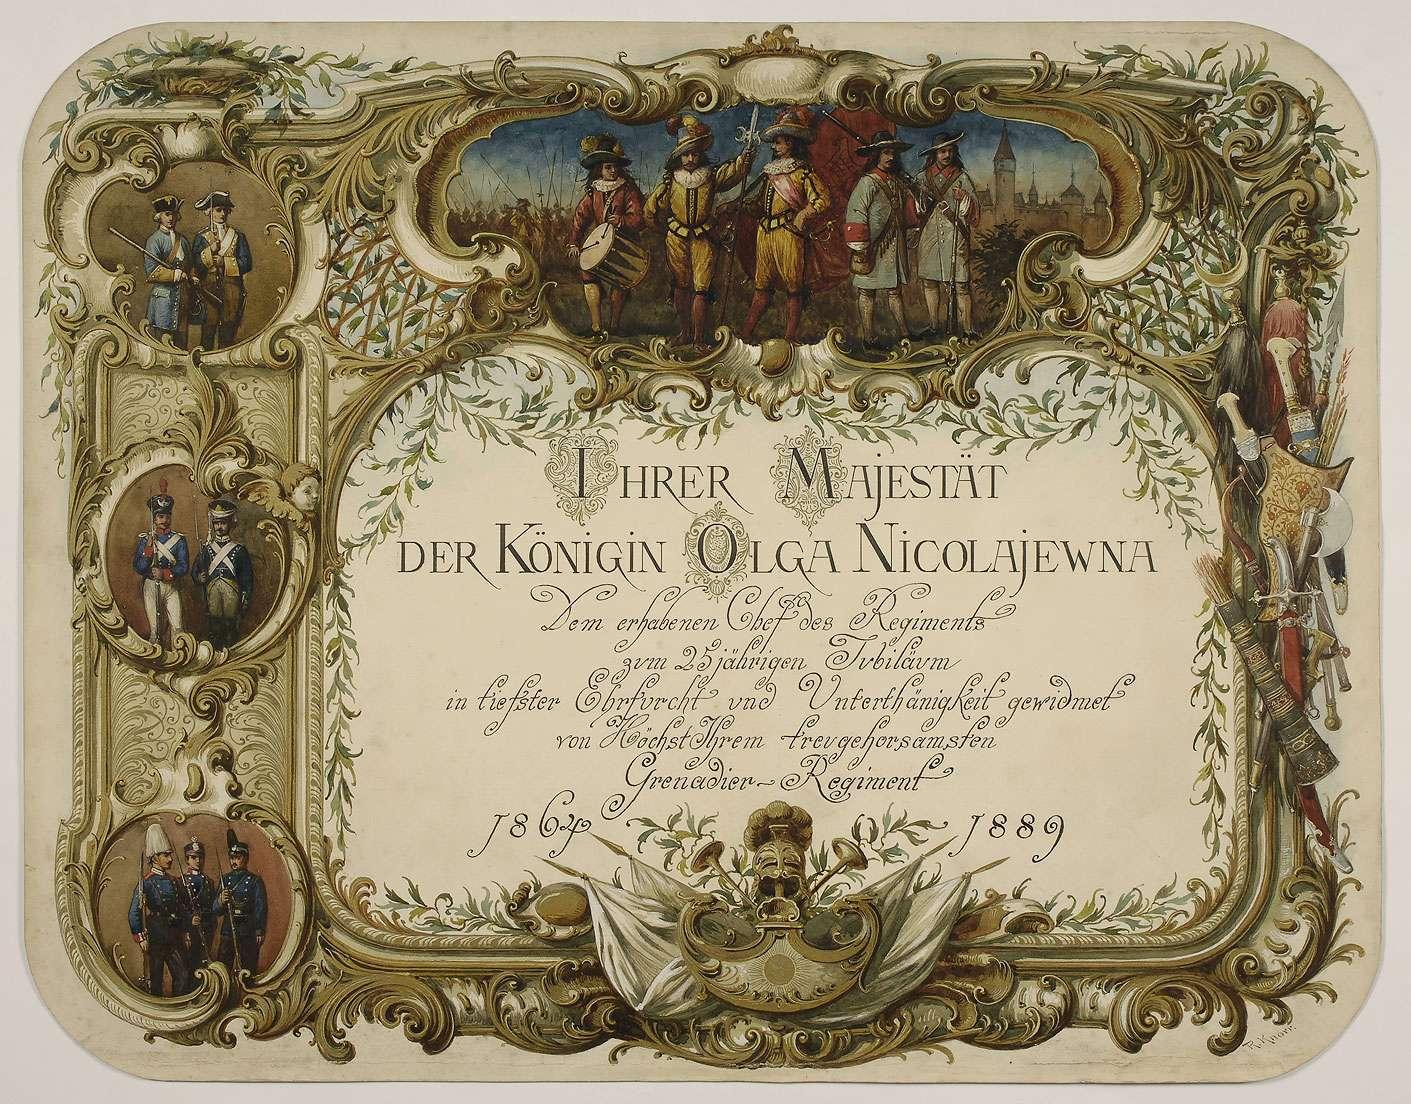 Titelblatt einer Bildersammlung als Geschenk zur Ehrung Königin Olga von Württemberg zum 25-jährigen Jubiläum als Chefin des Regimentes, 1889, Bild 1